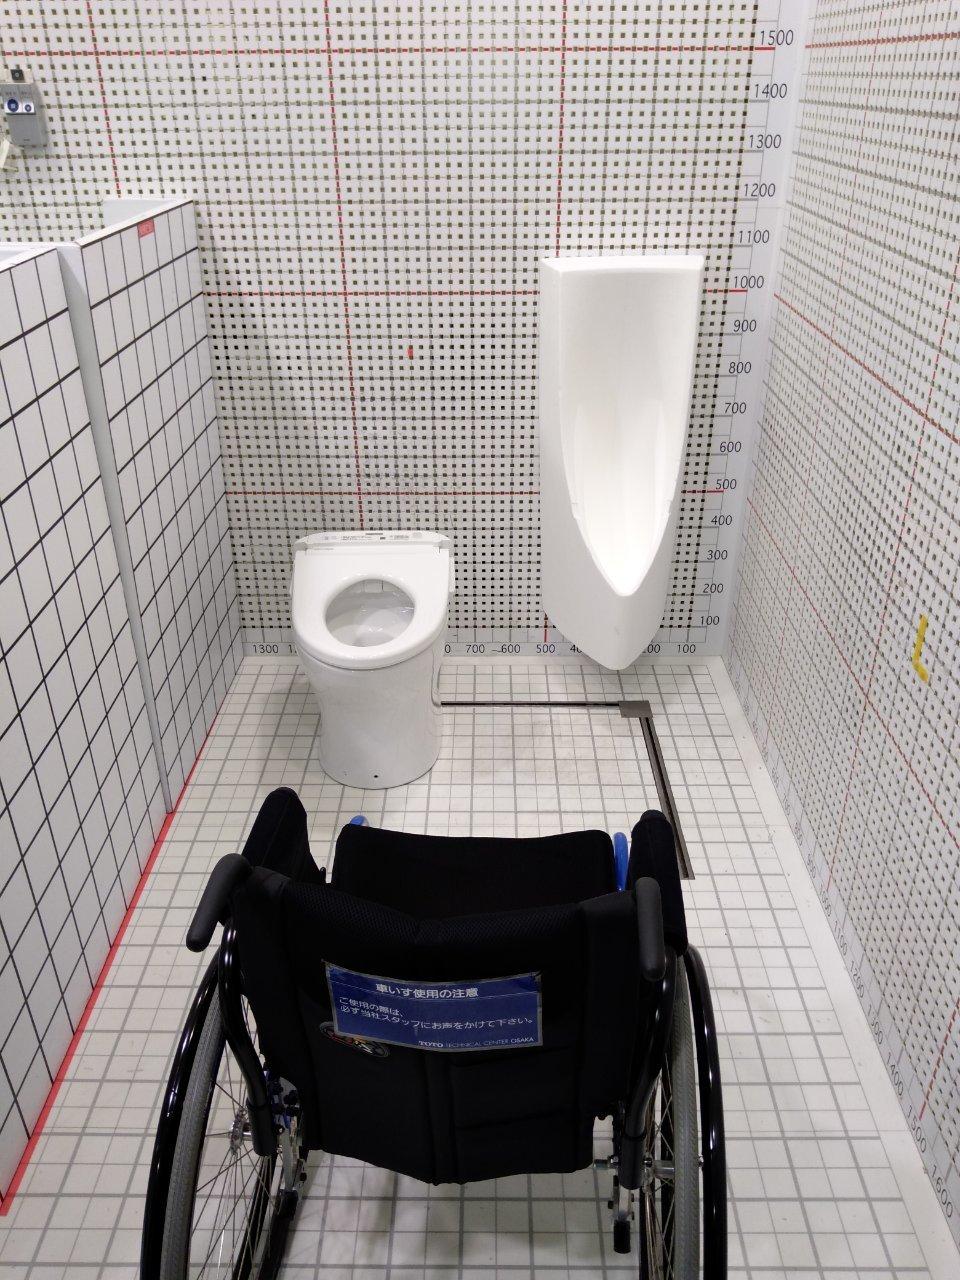 トイレを考える_a0355629_09013285.jpg